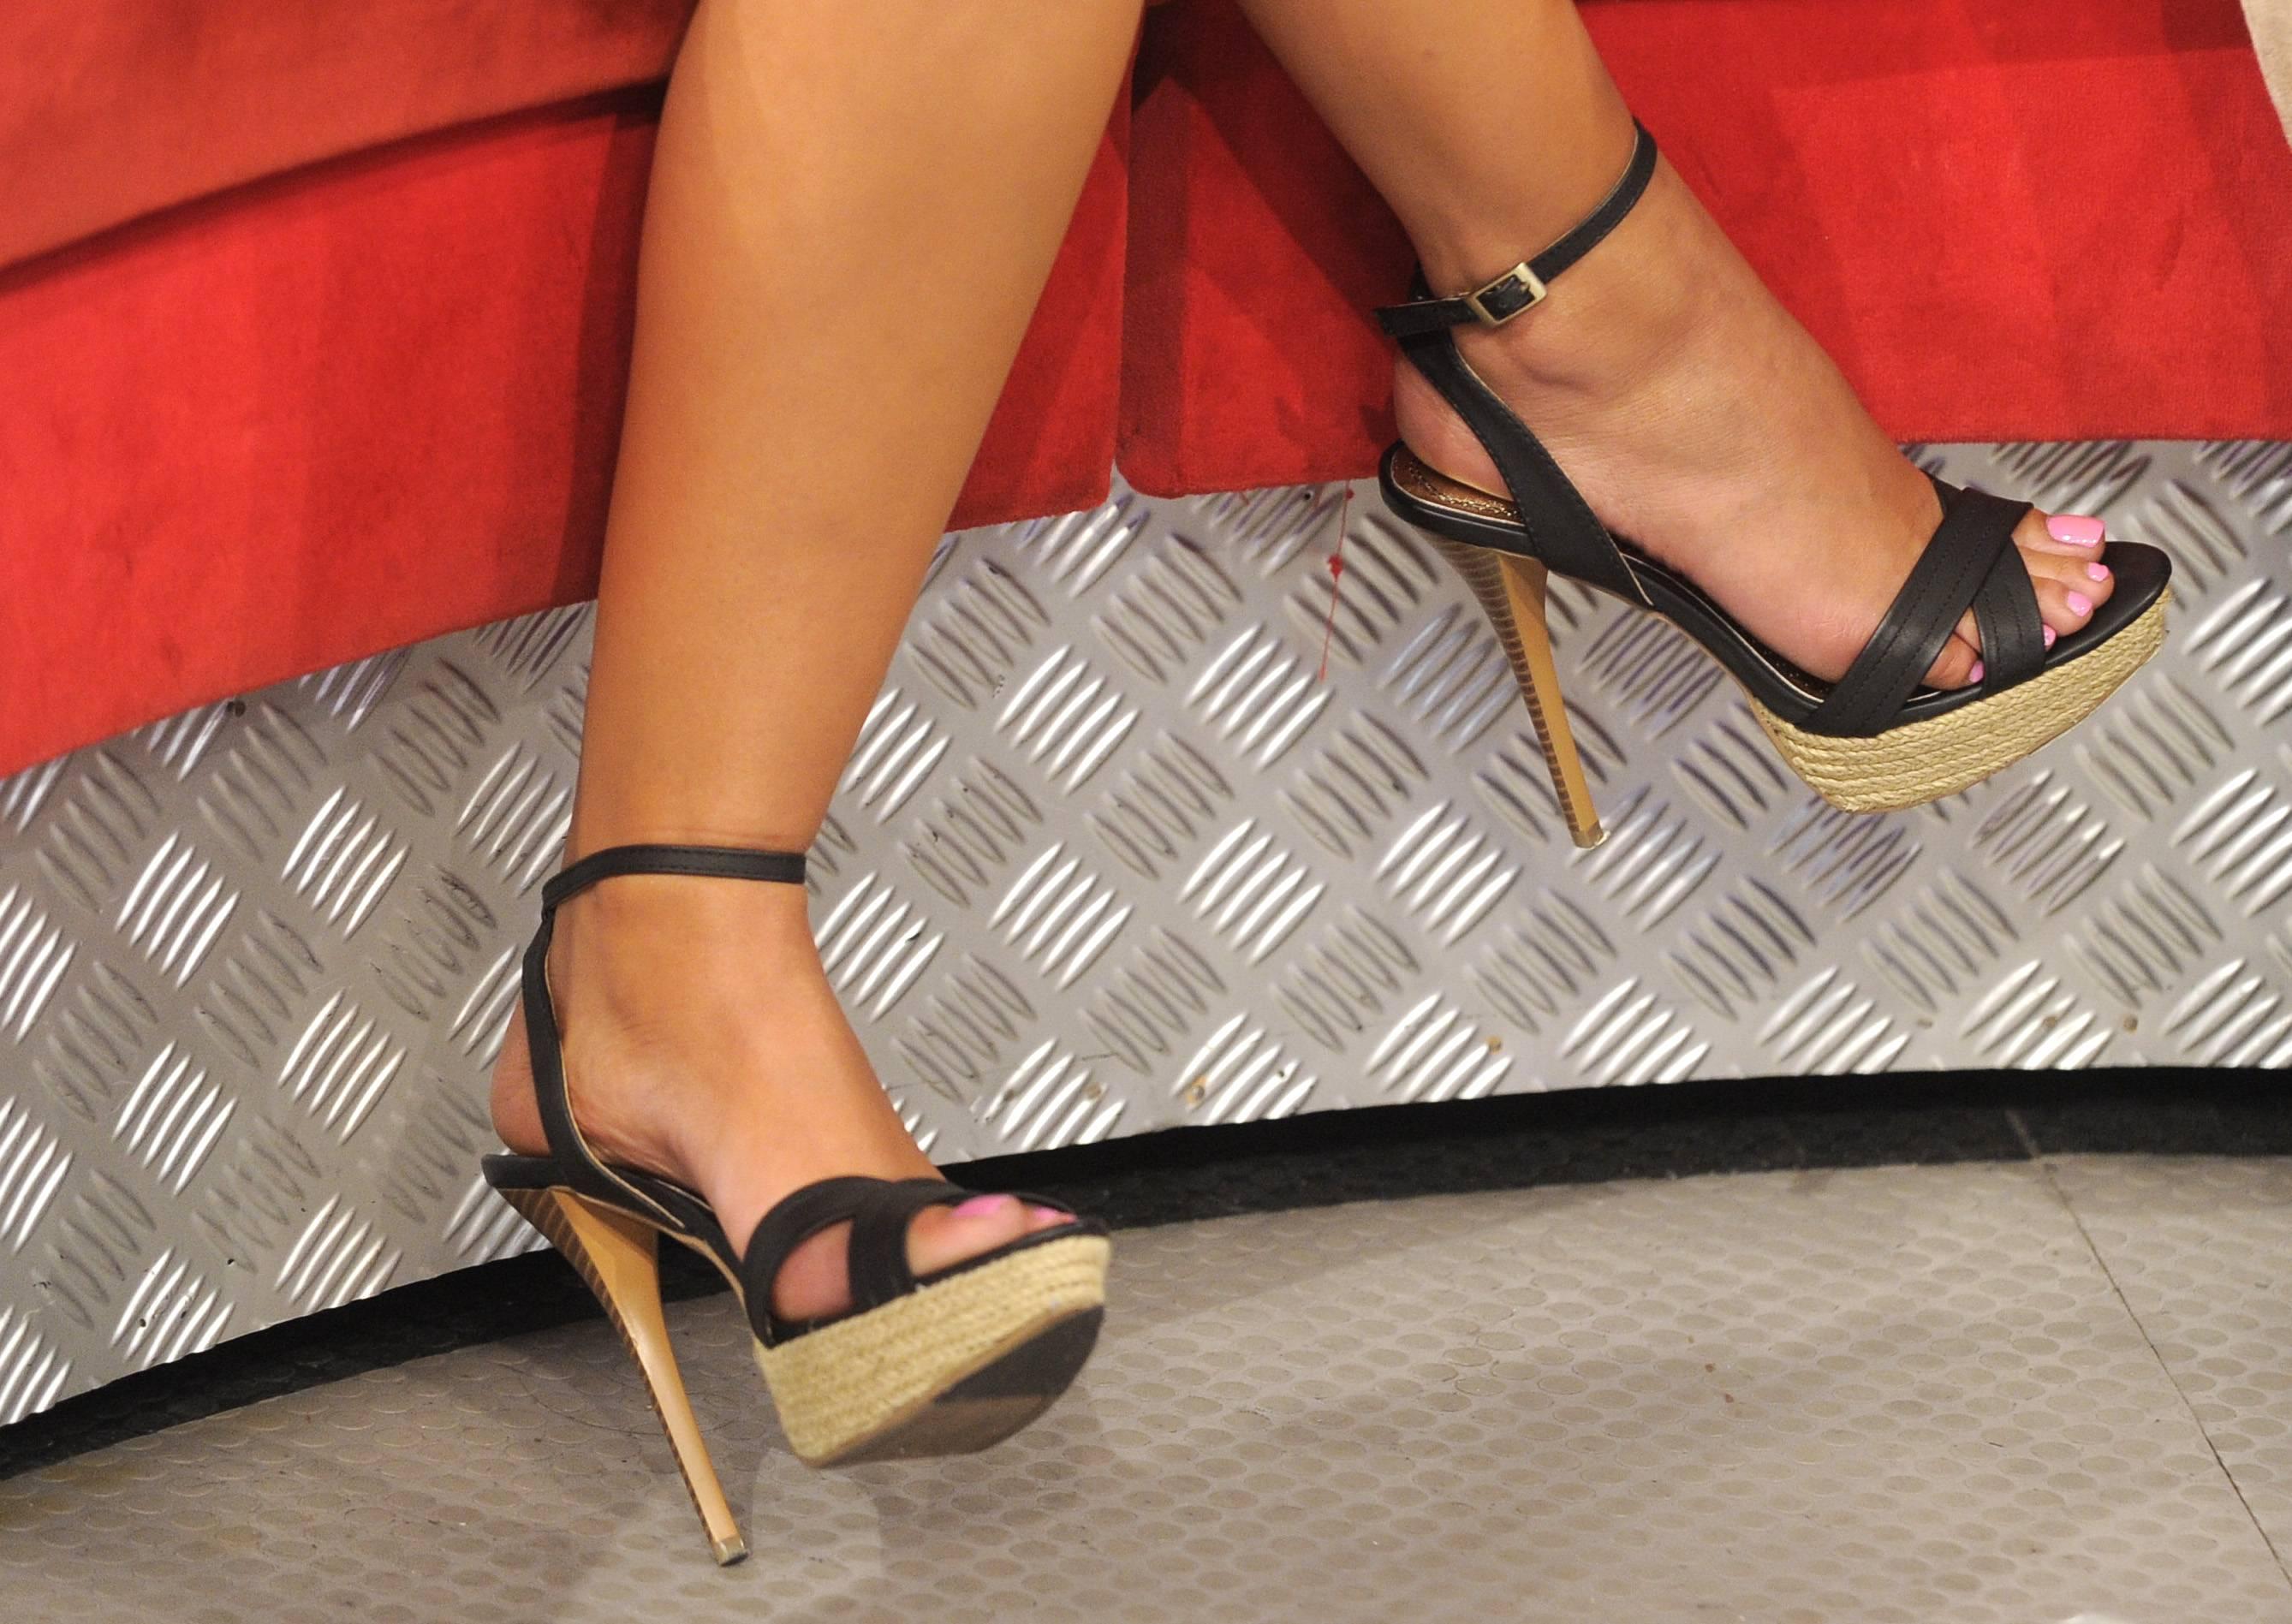 Nice shoes - Rocsi Diaz at 106 & Park, May 29, 2012. (Photo: John Ricard / BET)